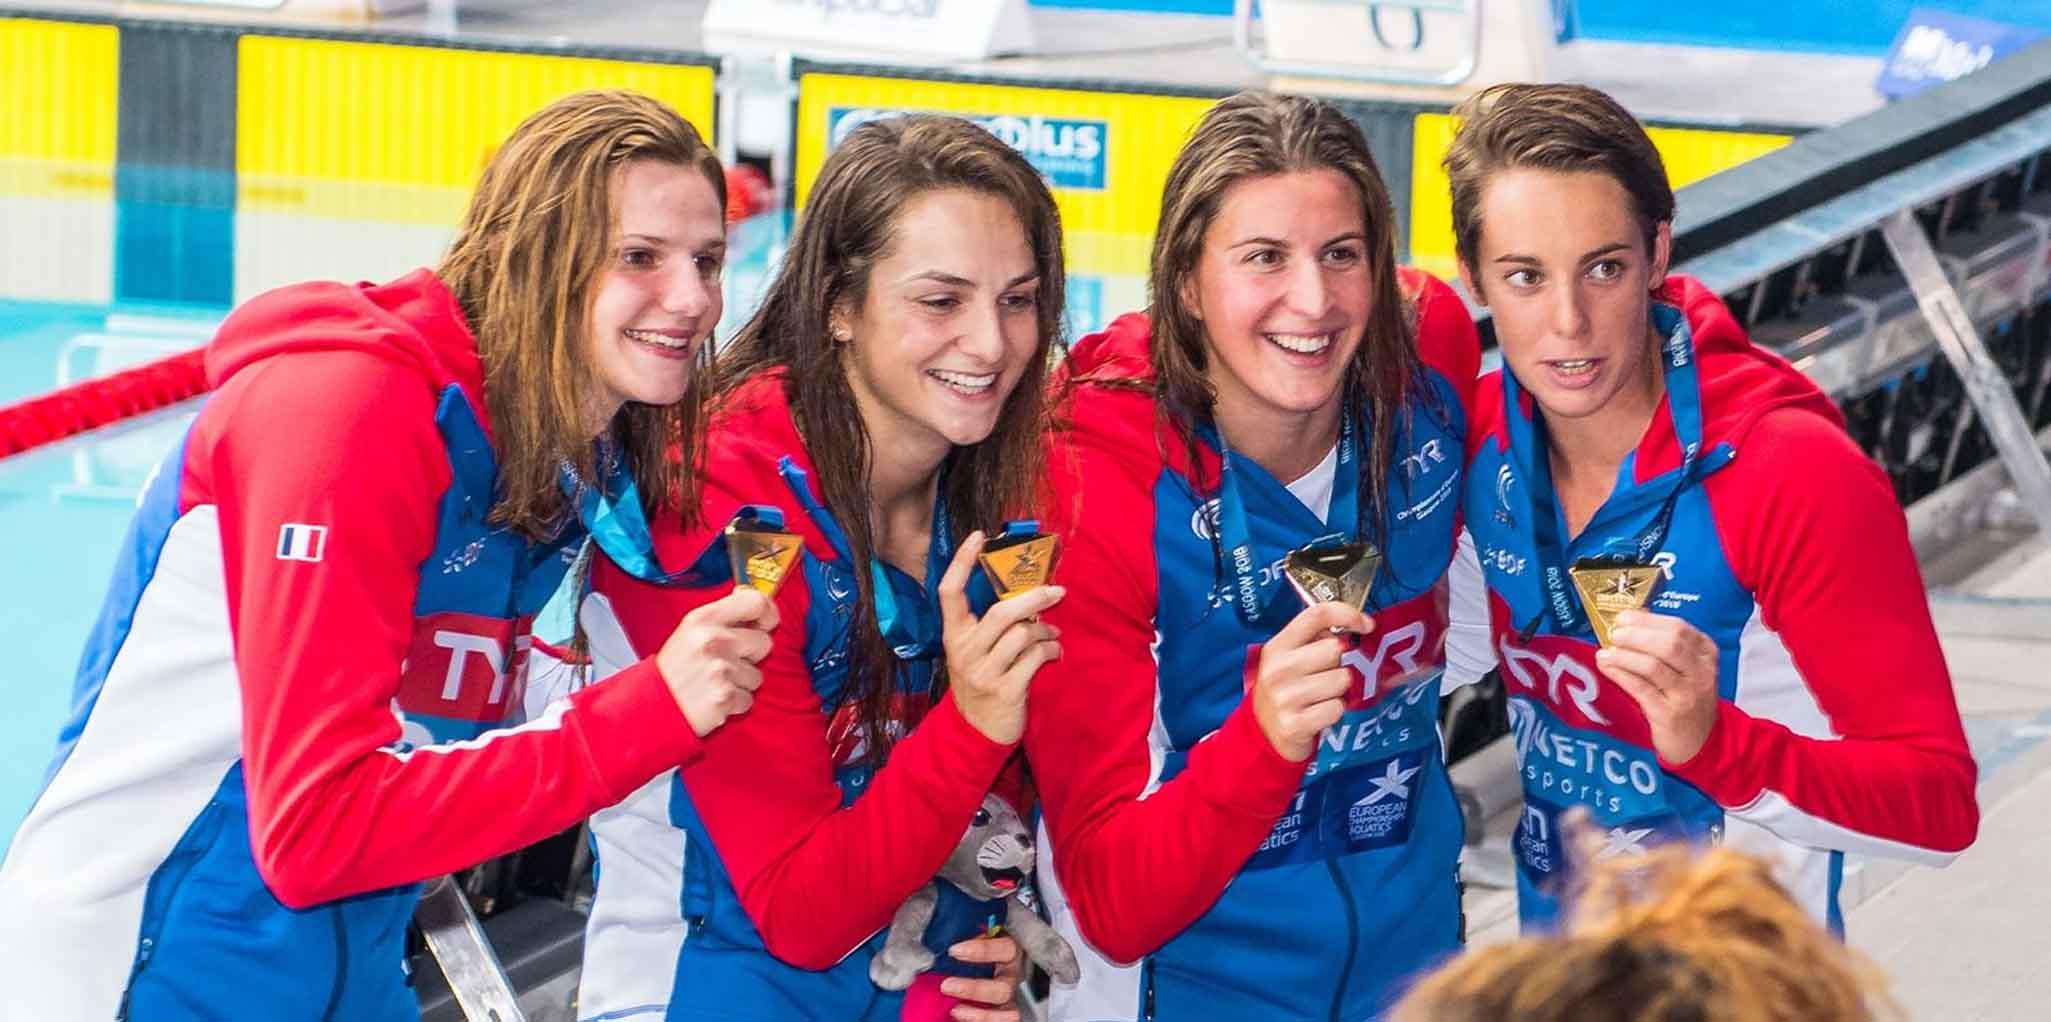 elegantes und robustes Paket wie kauft man groß auswahl Schwimm-EM 2018: Der Medaillenspiegel nach Tag 1